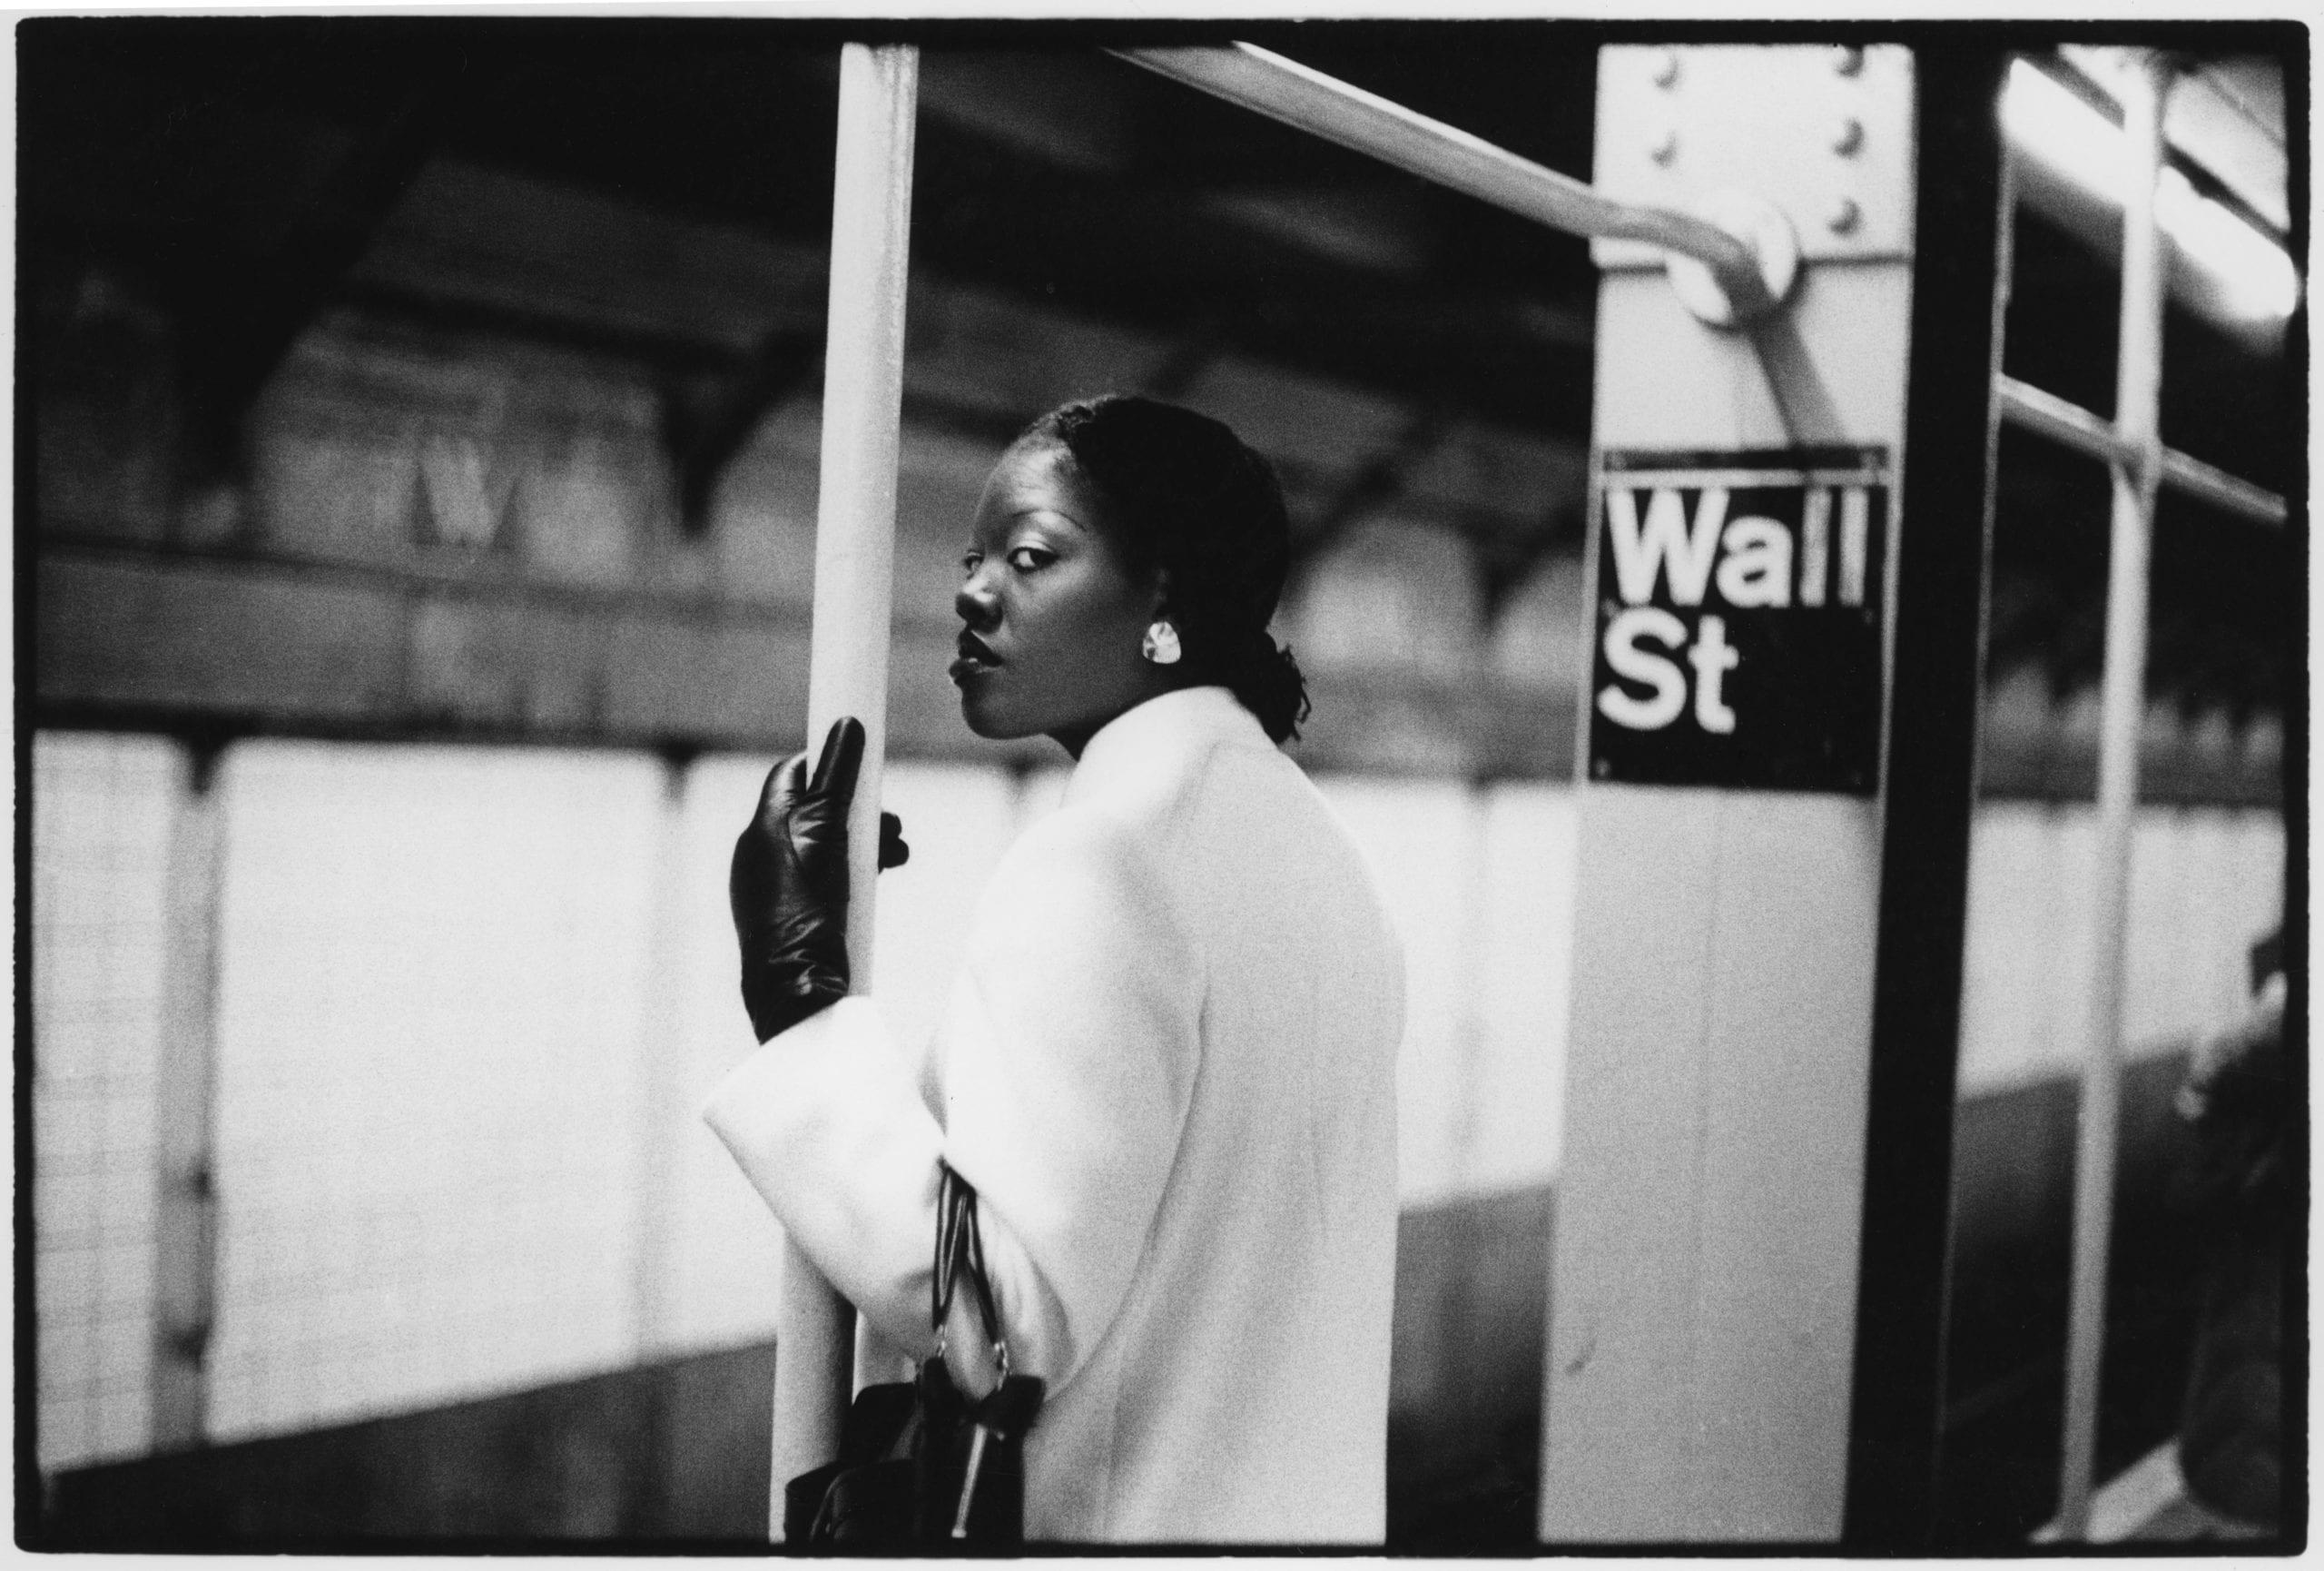 Neil Libbert, 'Wall Street', 1968